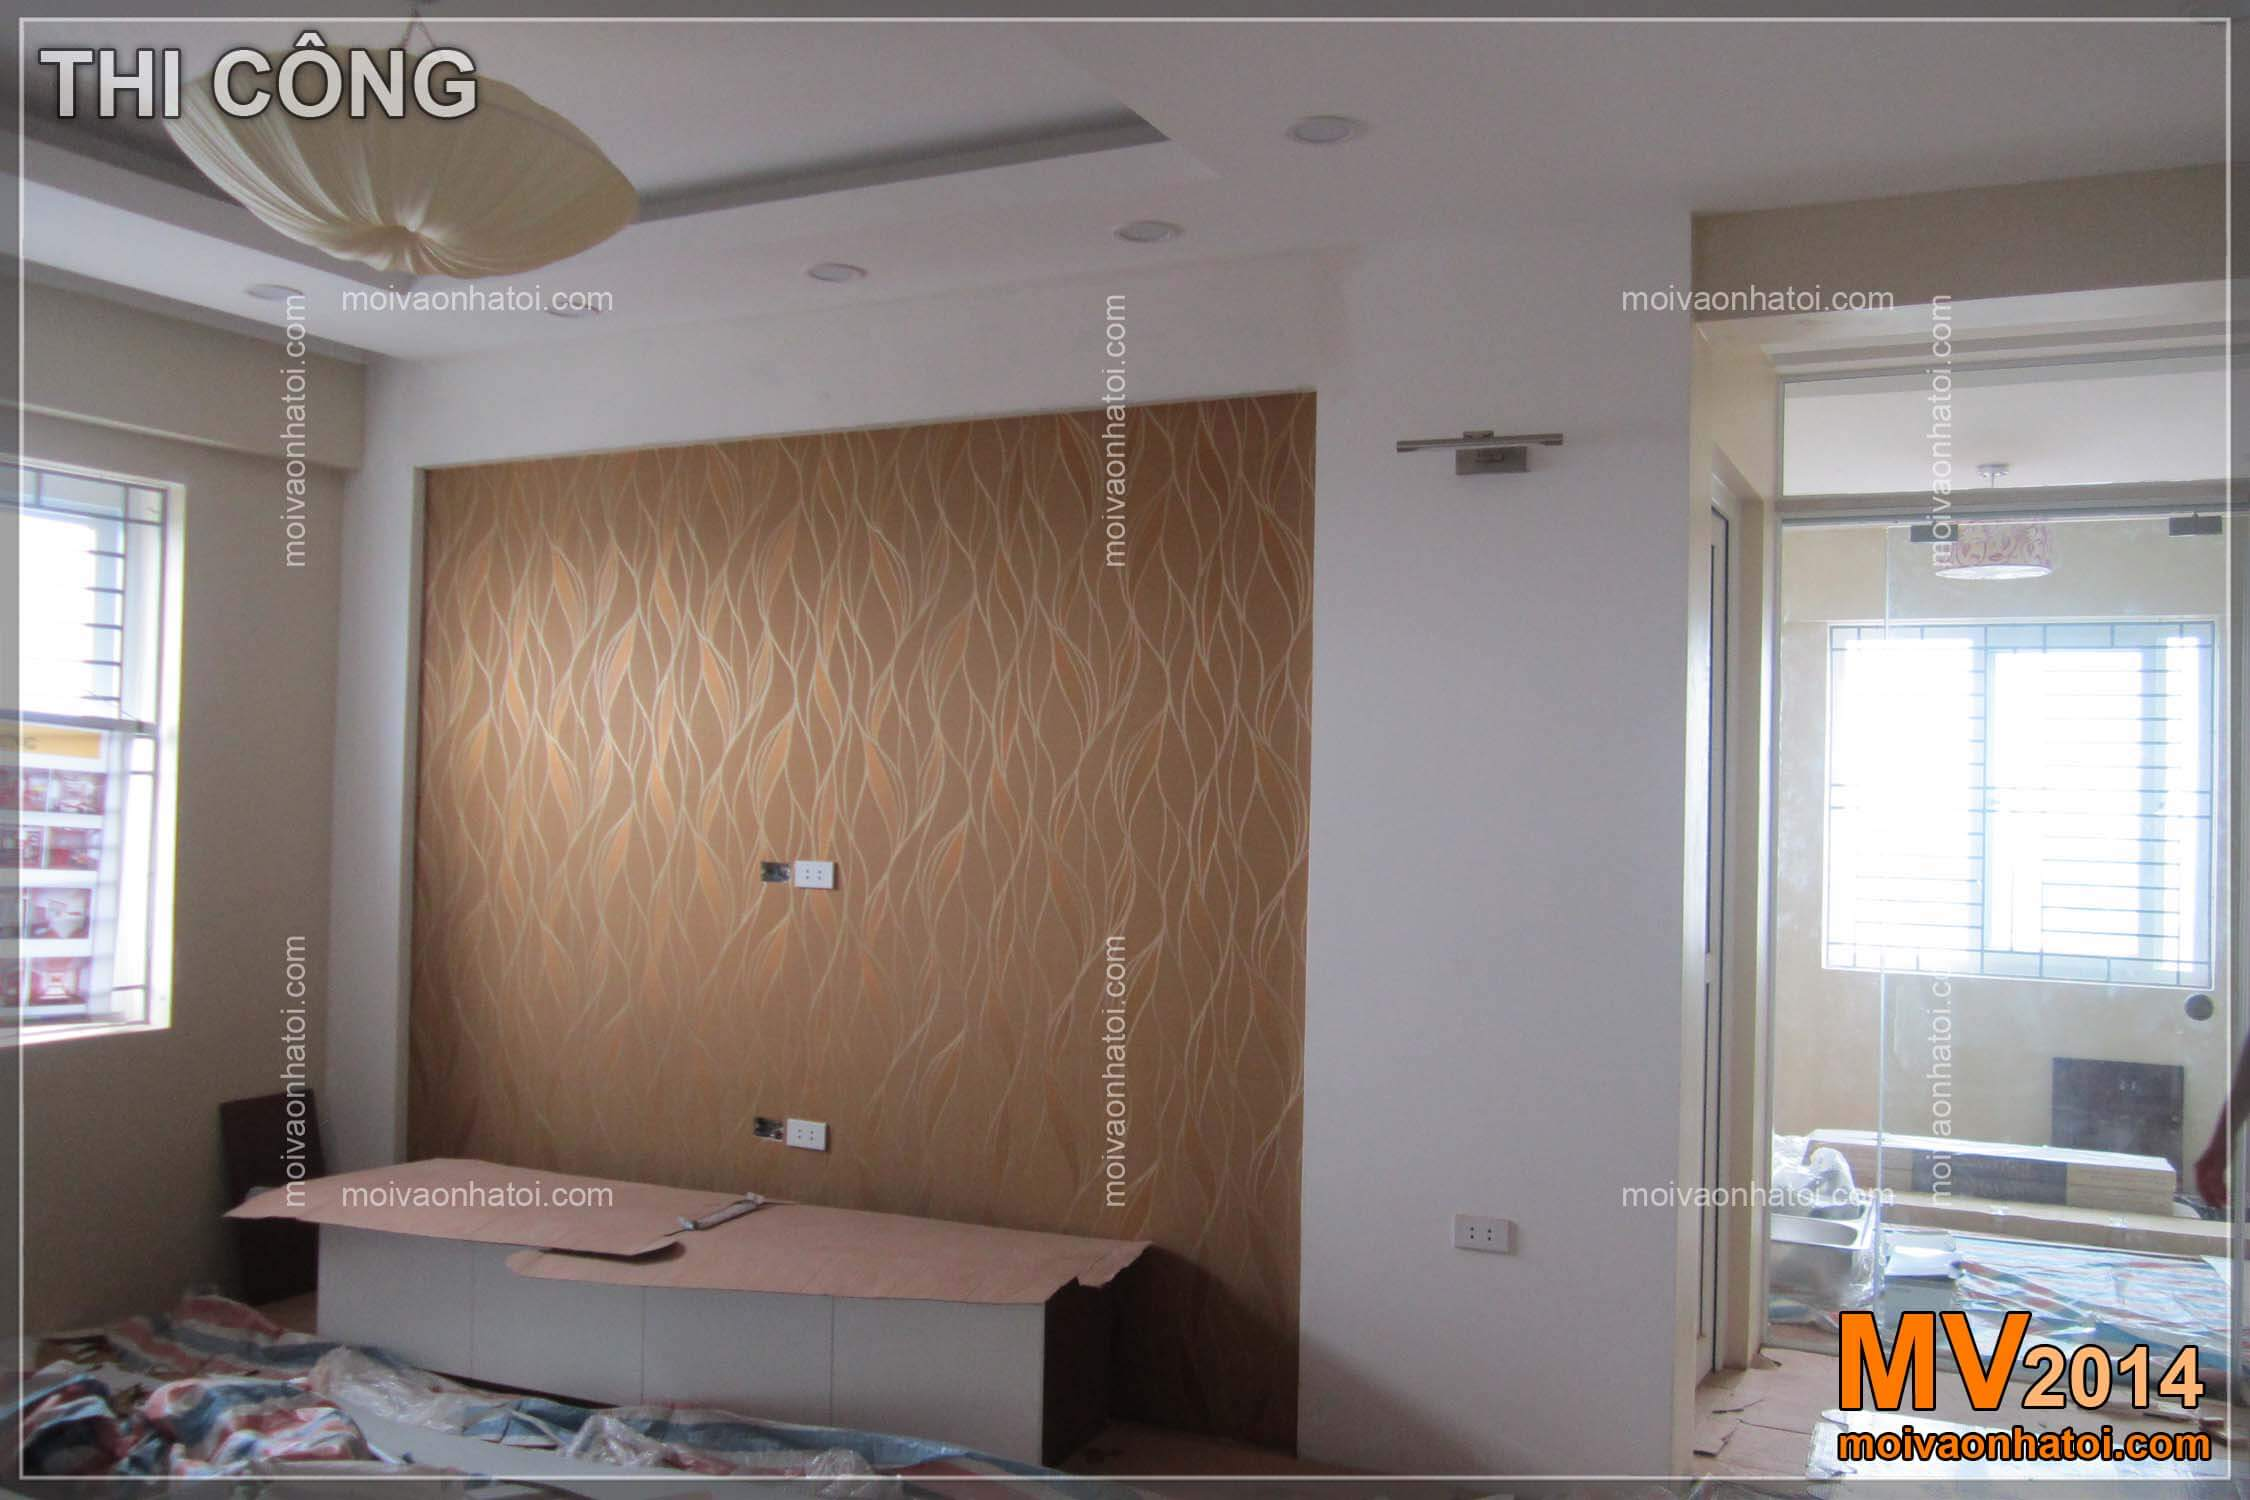 Quá trình thi công dán giấy dán tường